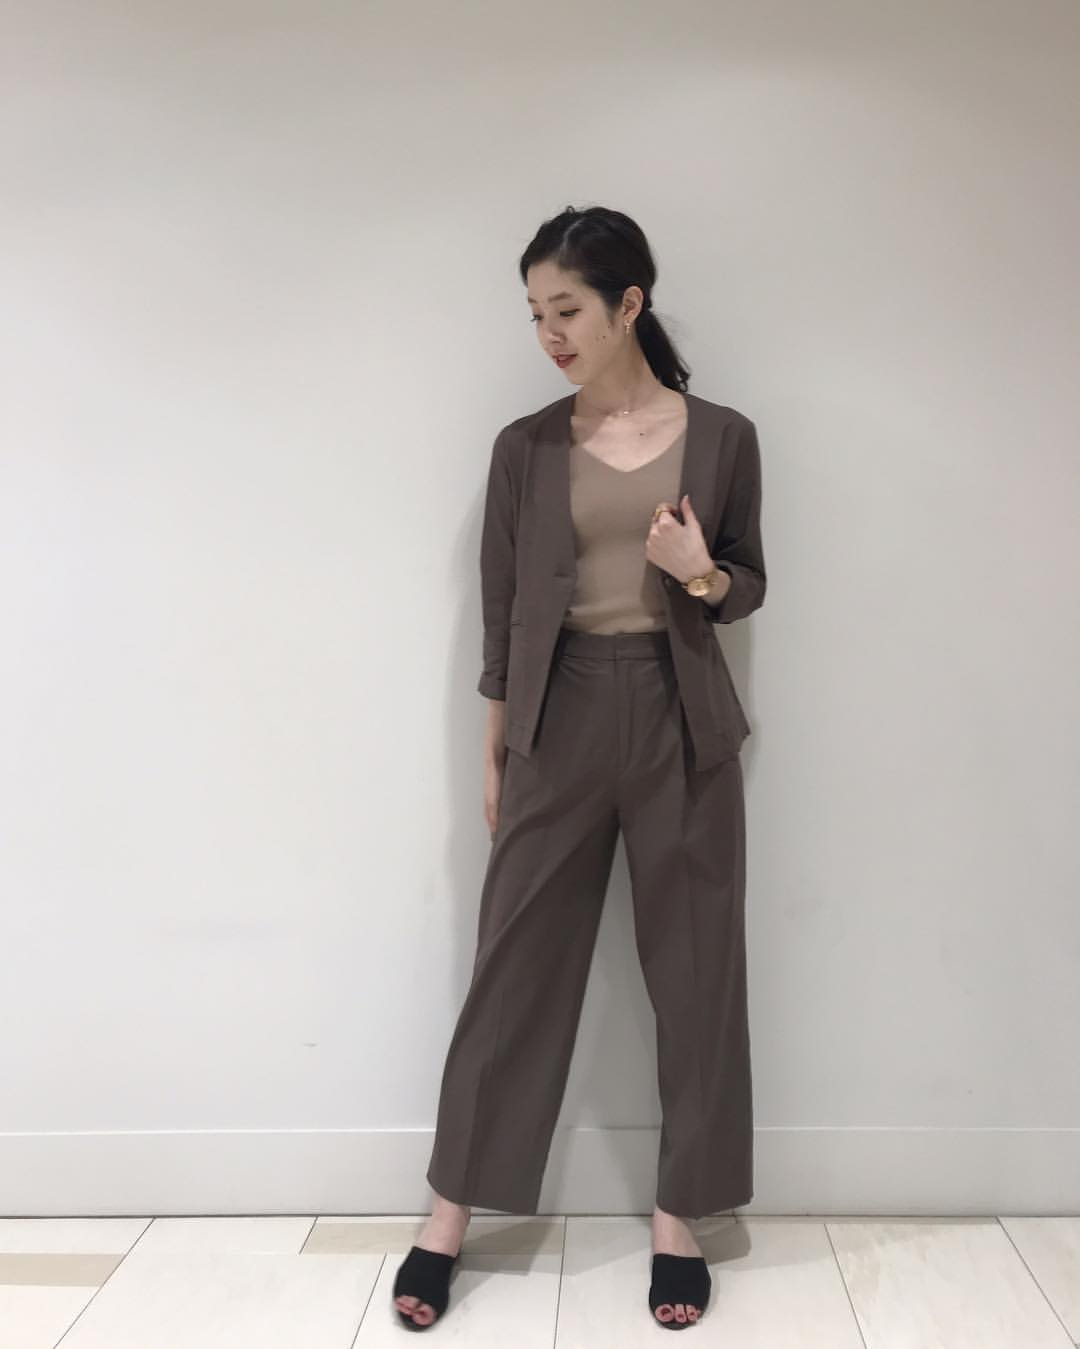 最高気温15度・最低気温3度 hikari_k0122の服装